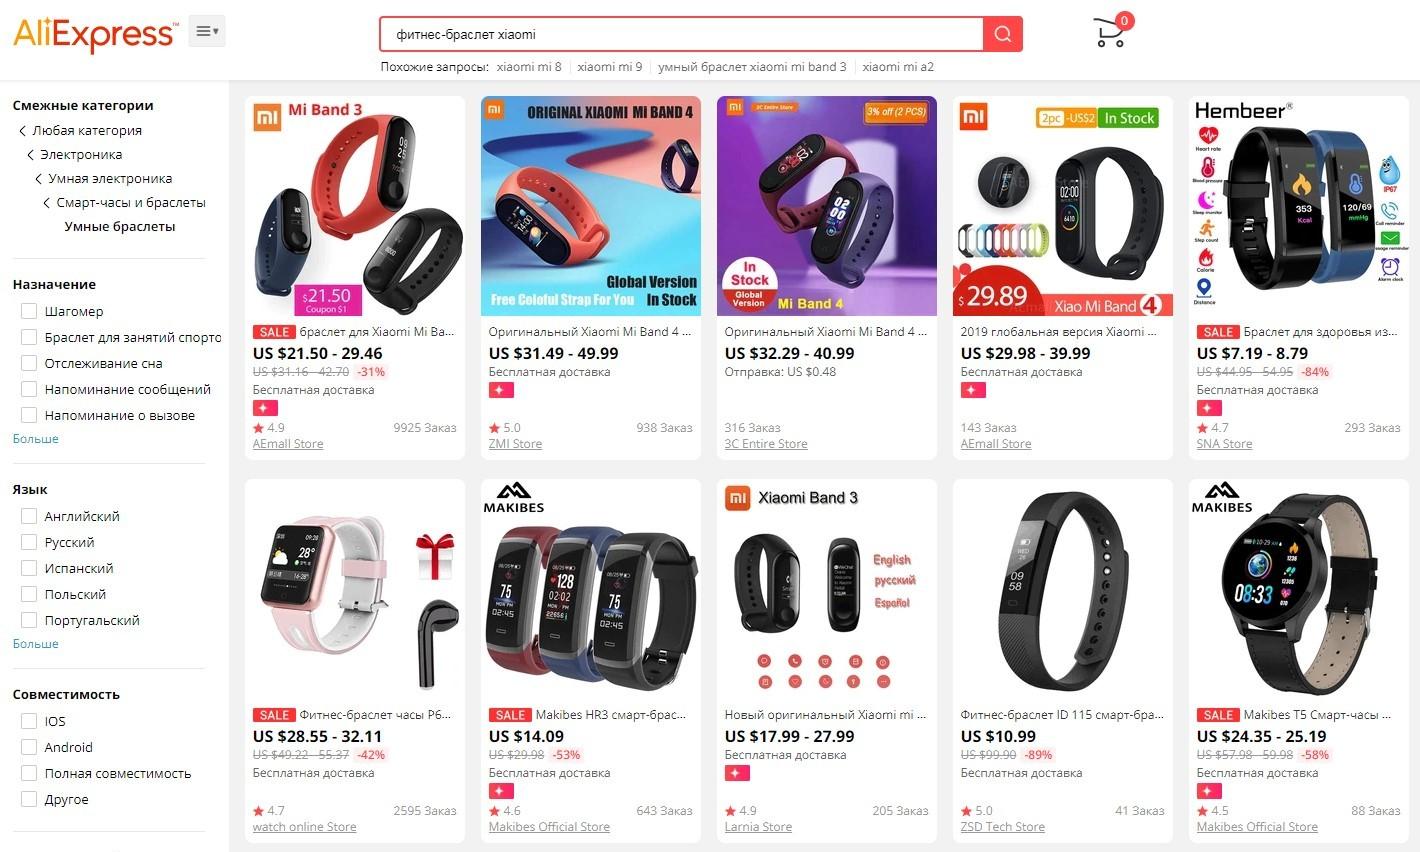 фитнес-браслет фирмы Xiaomi